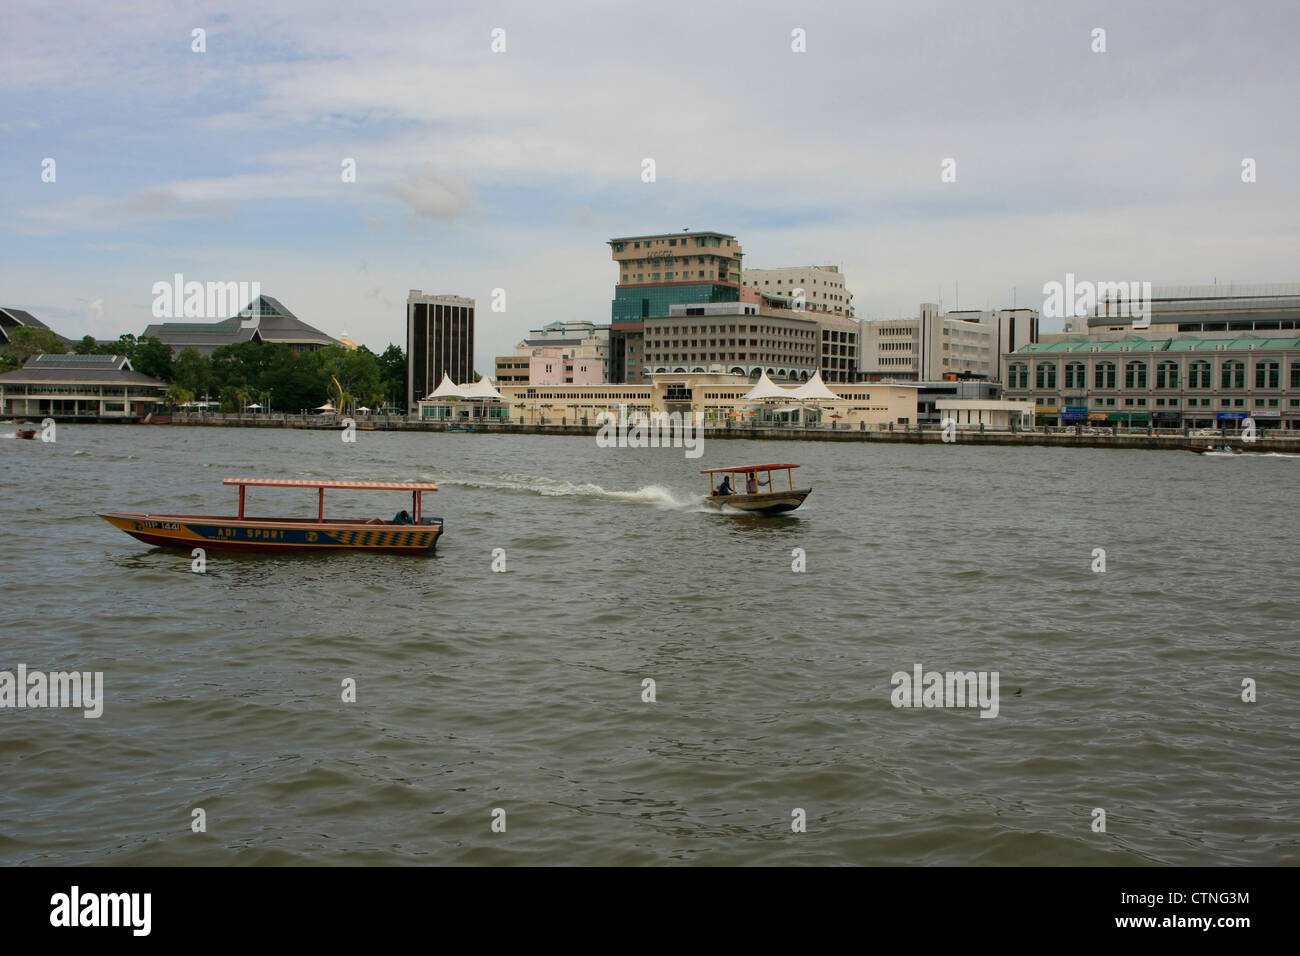 Lo skyline di capitale Bandar Seri Begawan, Brunei, sud-est asiatico Immagini Stock